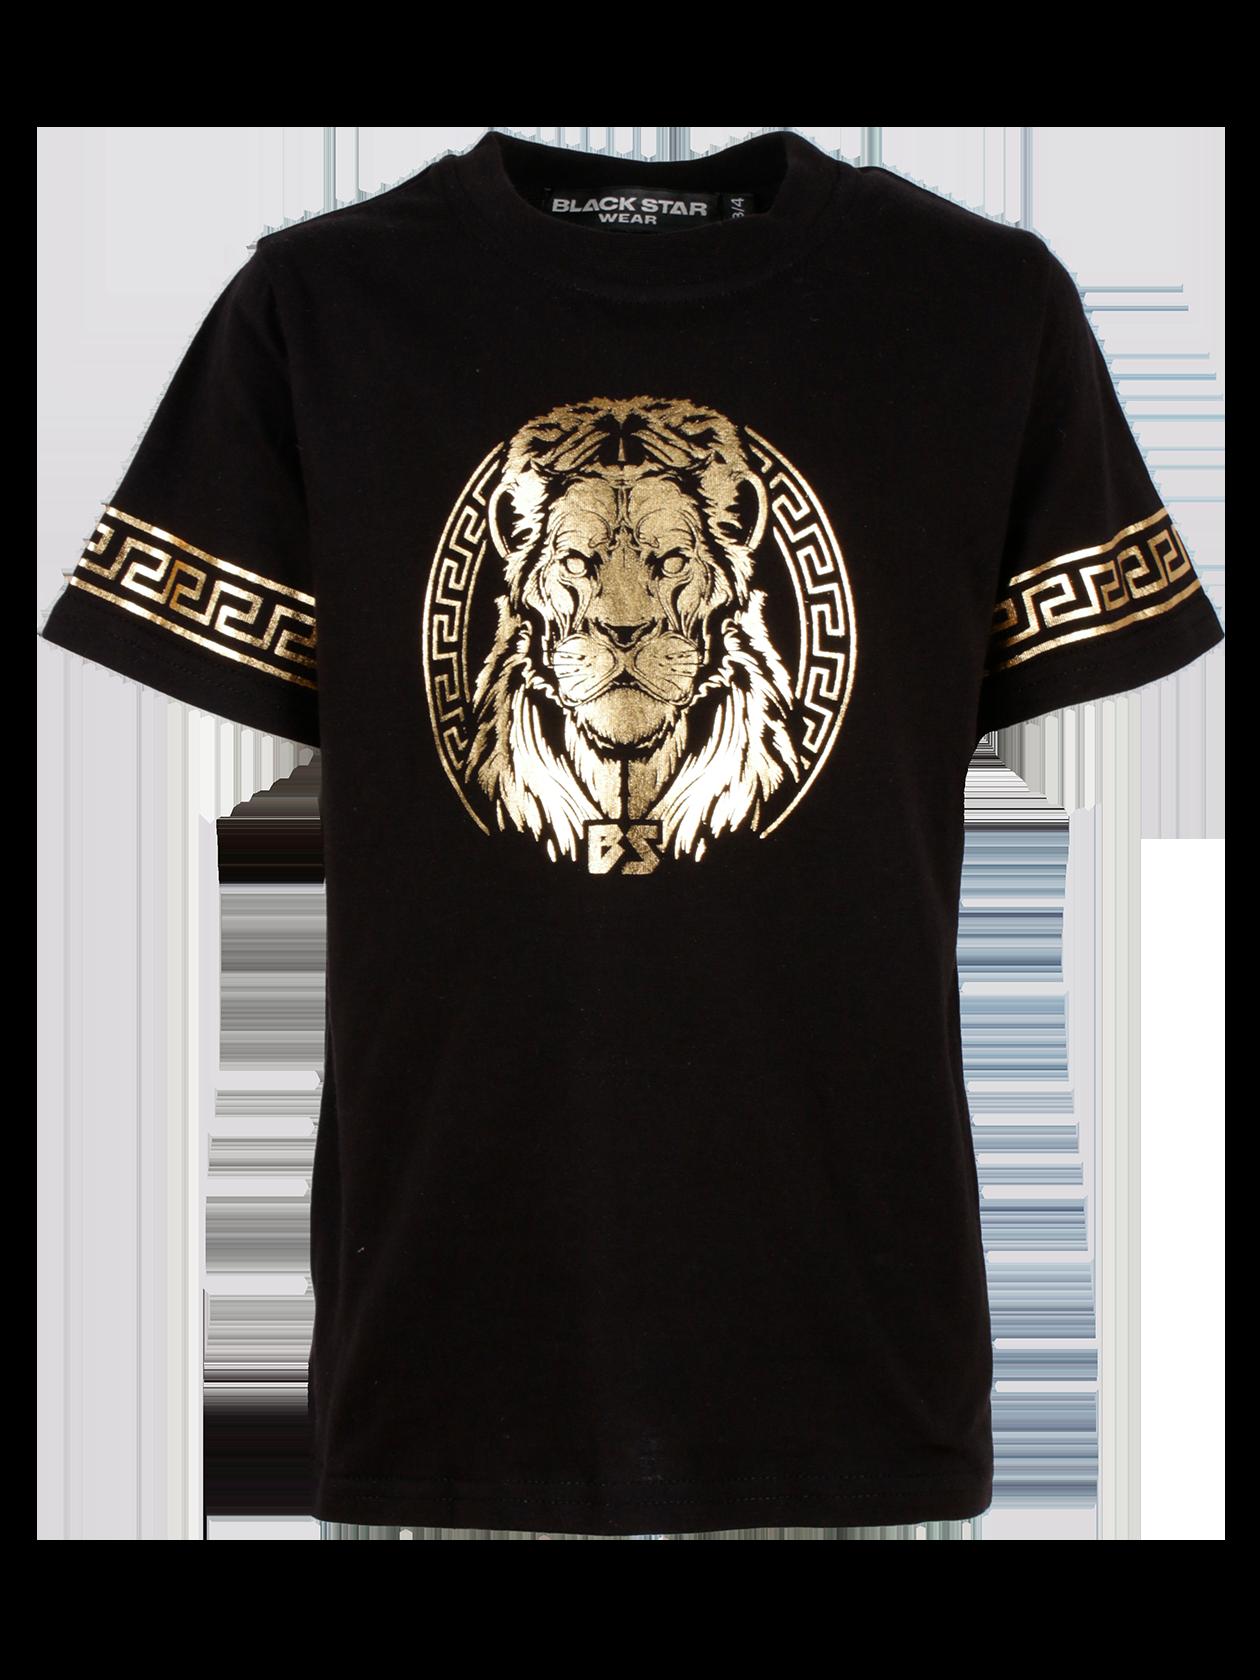 Kids t-shirt GOLD LIONФутболка детская Gold Lion – яркий и практичный атрибут гардероба активного непоседы. Изделие представлено в черном цвете с эффектным золотистым принтом «голова льва в круге и надписью BS». Модель удлиненного прямого кроя с широким коротким рукавом, дополненным греческим орнаментом. Вещь изготовлена из премиального натурального хлопка, подходит для частой носки. Отлично комбинируется с повседневной и спортивной одеждой.<br><br>size: 1-2 years<br>color: Black<br>gender: unisex